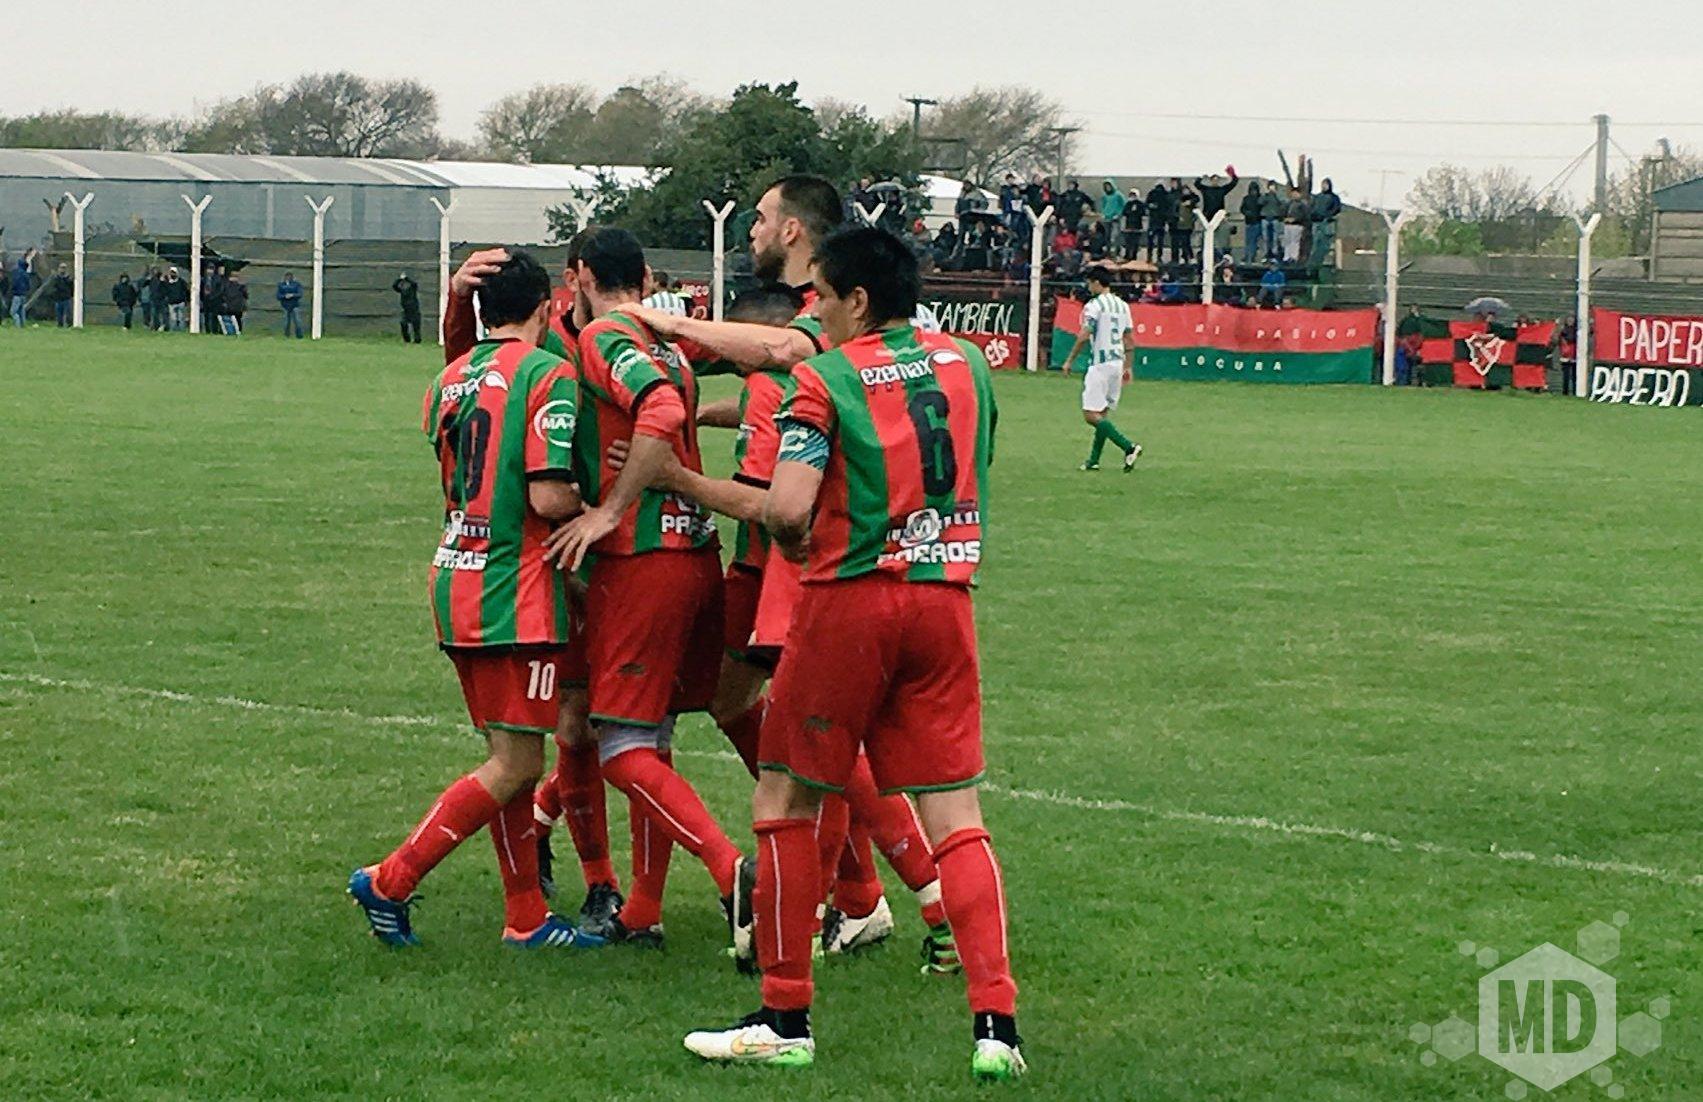 Cìrculo Deportivo festejando el gol de Portillo.